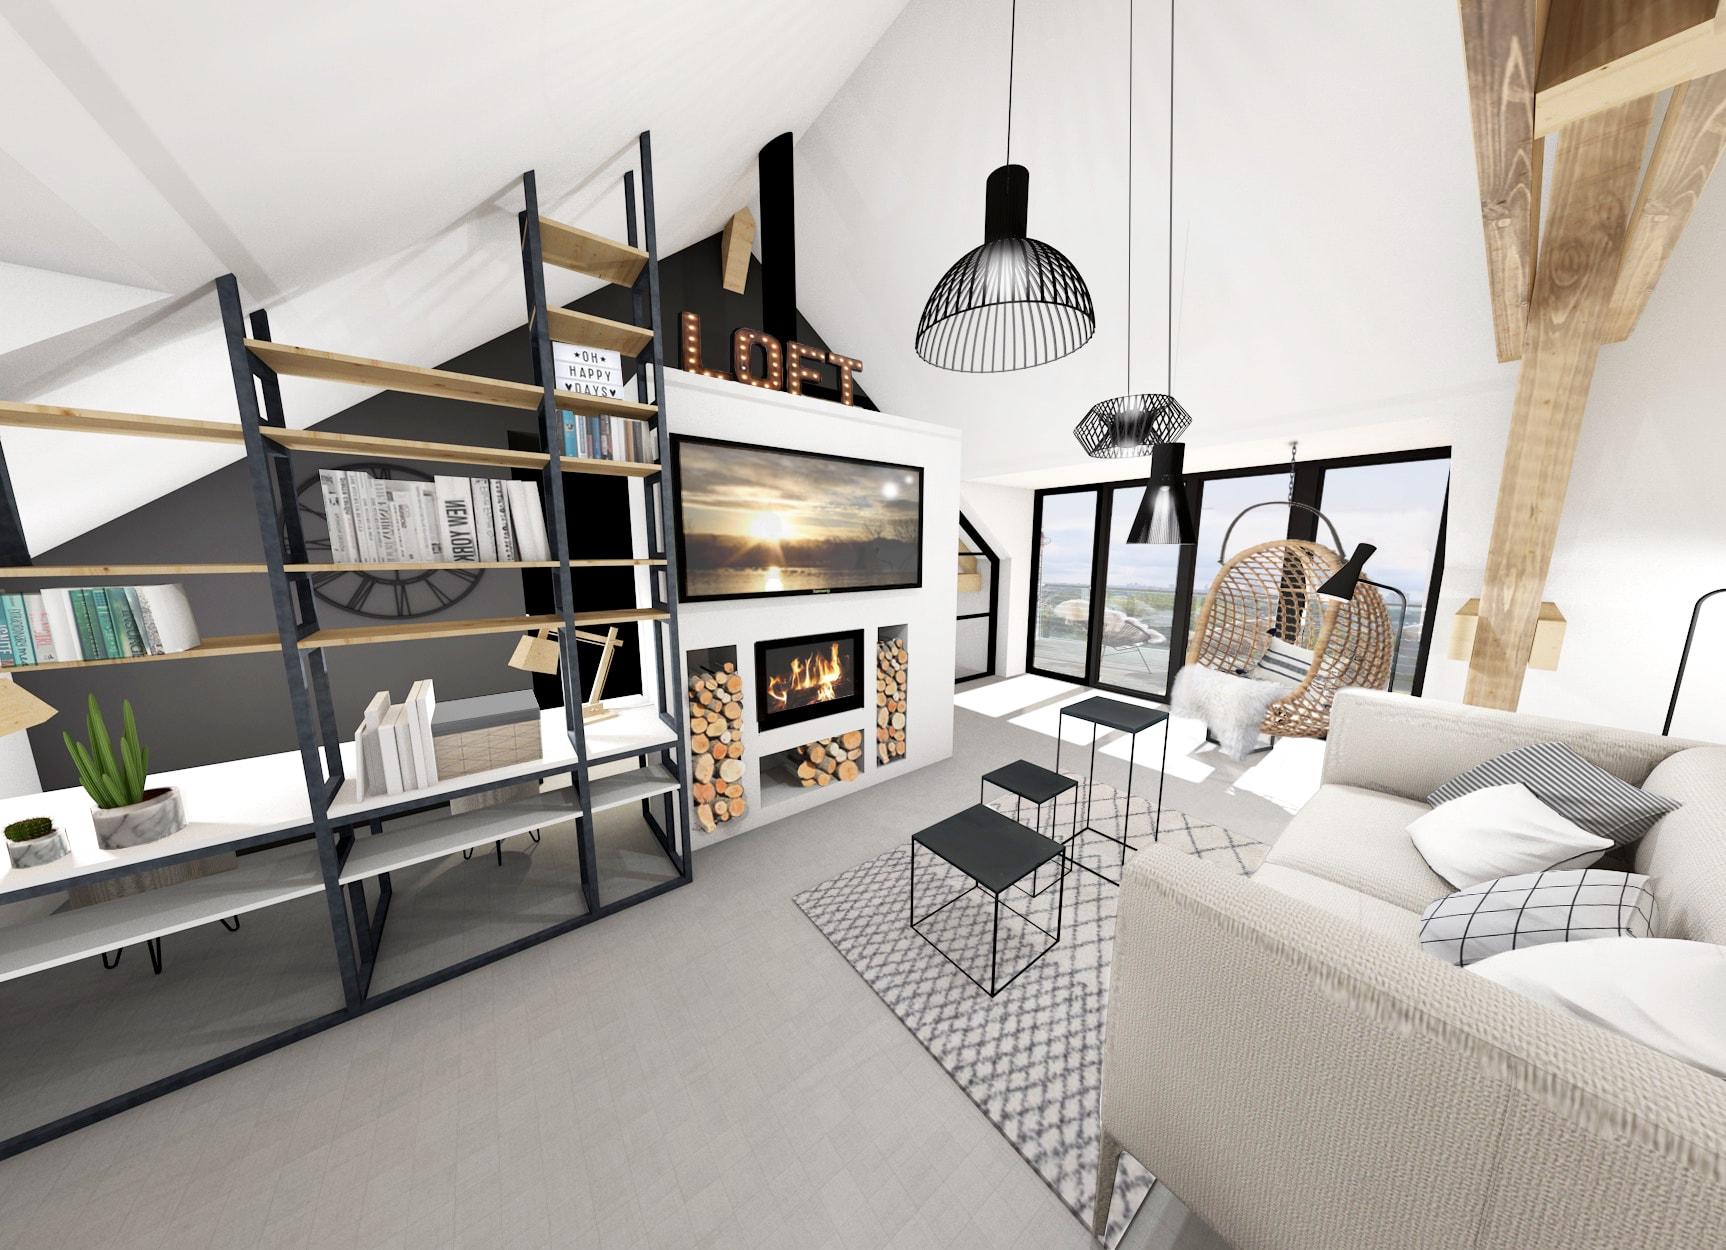 blog de d coration d 39 int rieure et coaching d co. Black Bedroom Furniture Sets. Home Design Ideas